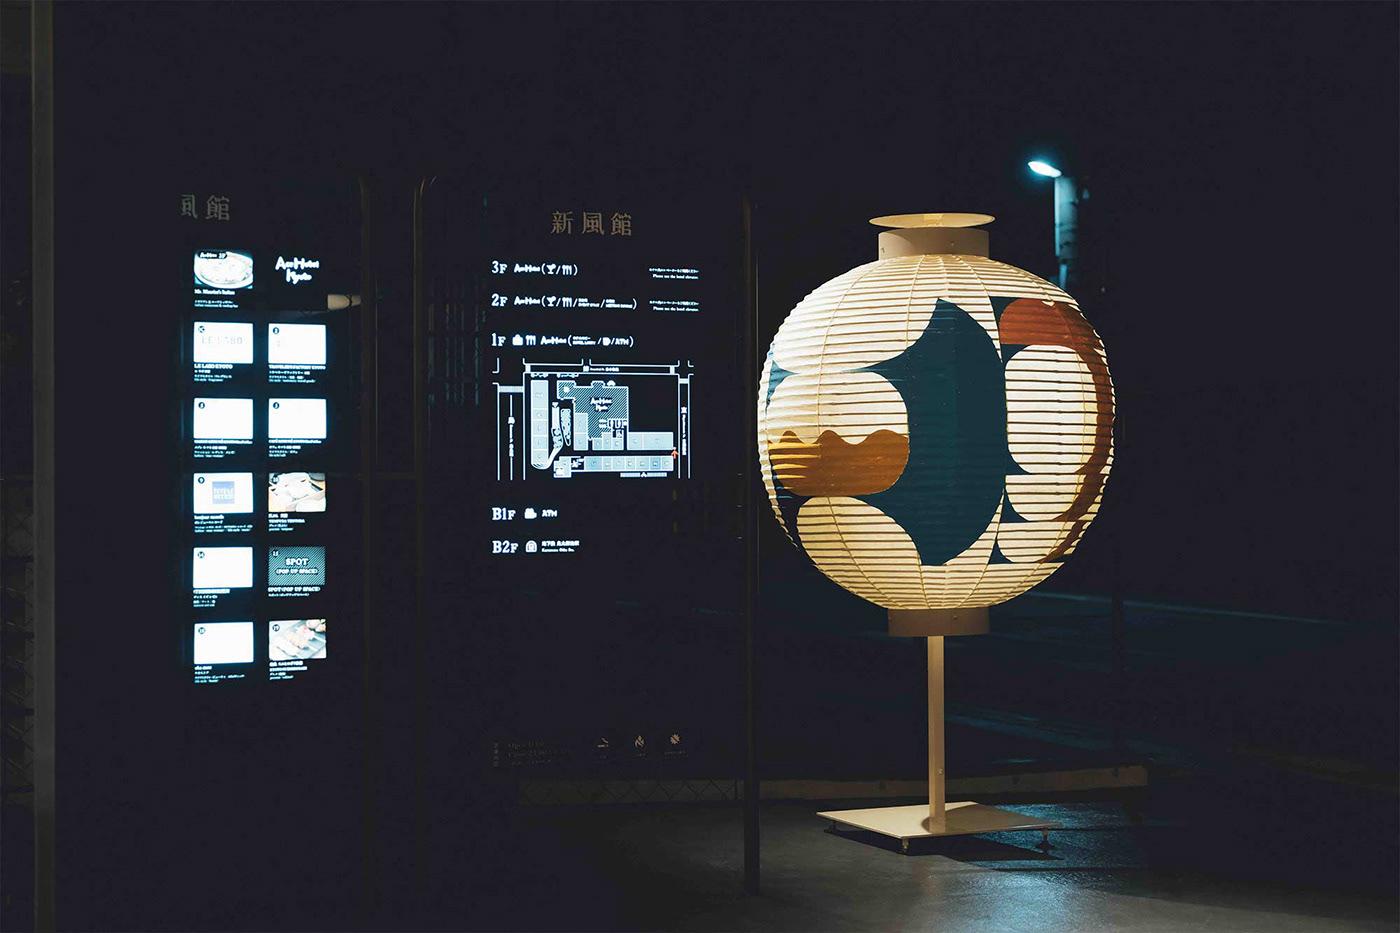 craftman Drawing  festival ILLUSTRATION  installation japan kyoto lanterns